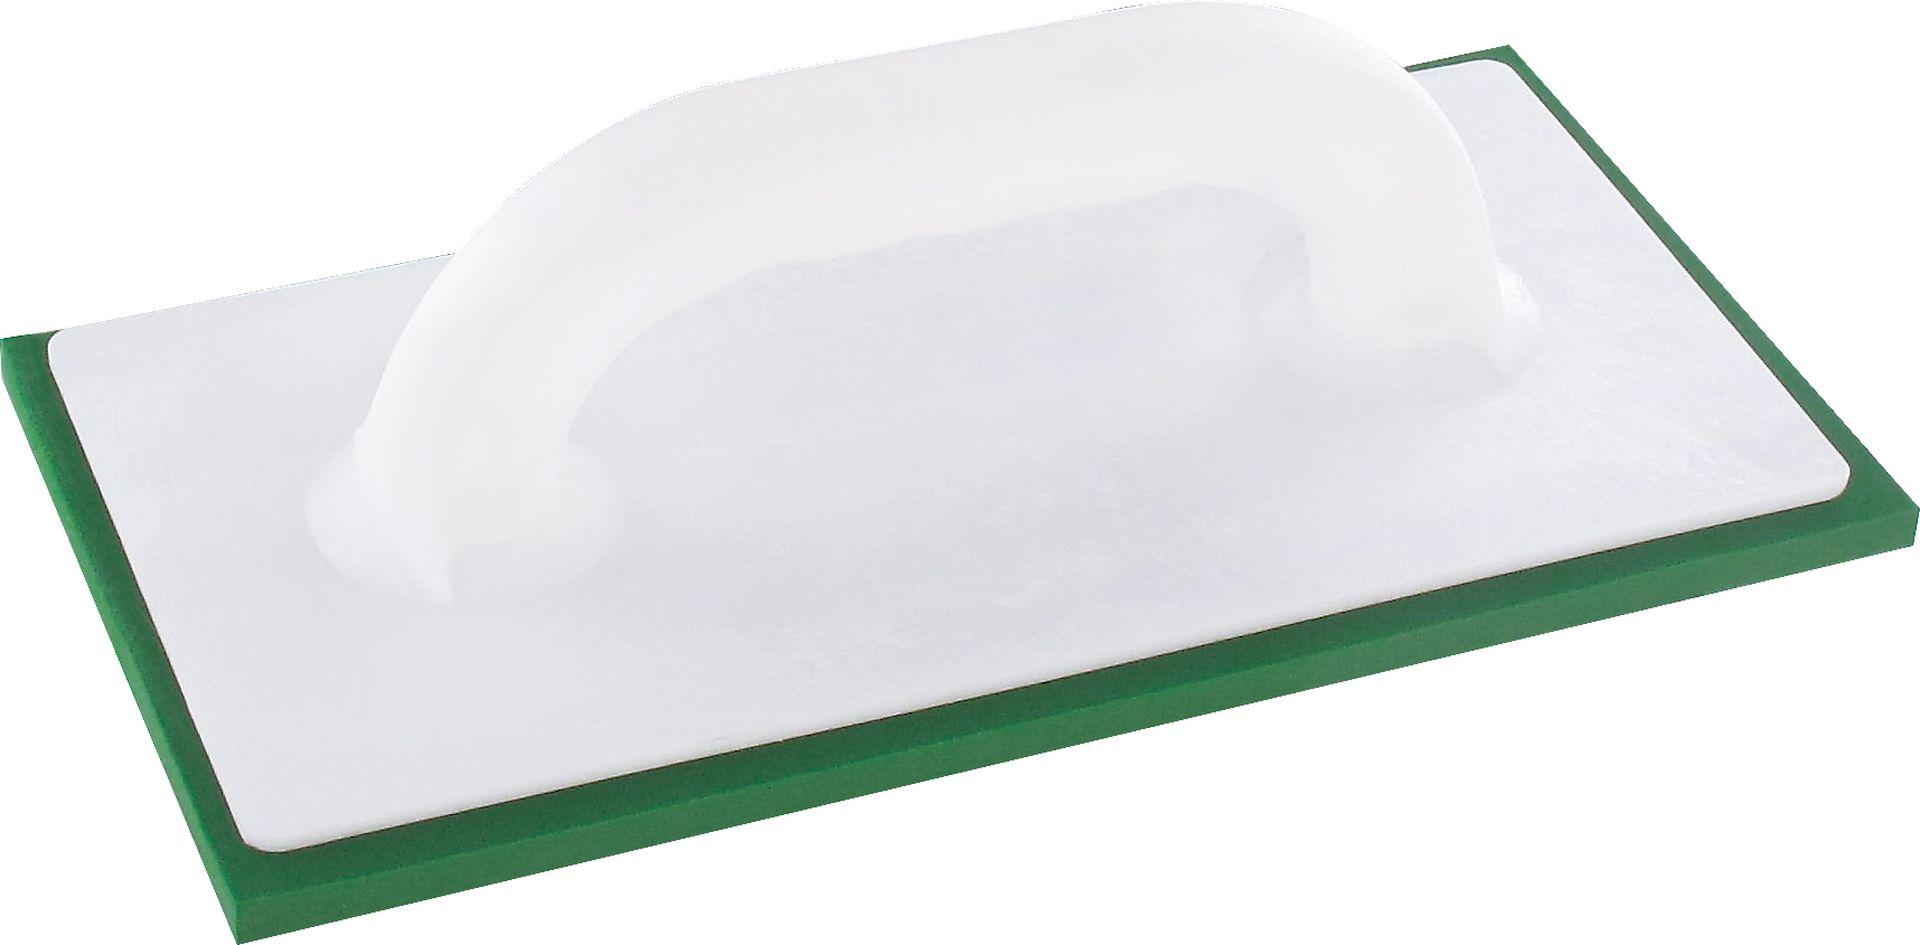 TRIUSO Kunststoff-Reibebrett mit 8 mm starkem grünem Belag, 140 x 280 mm